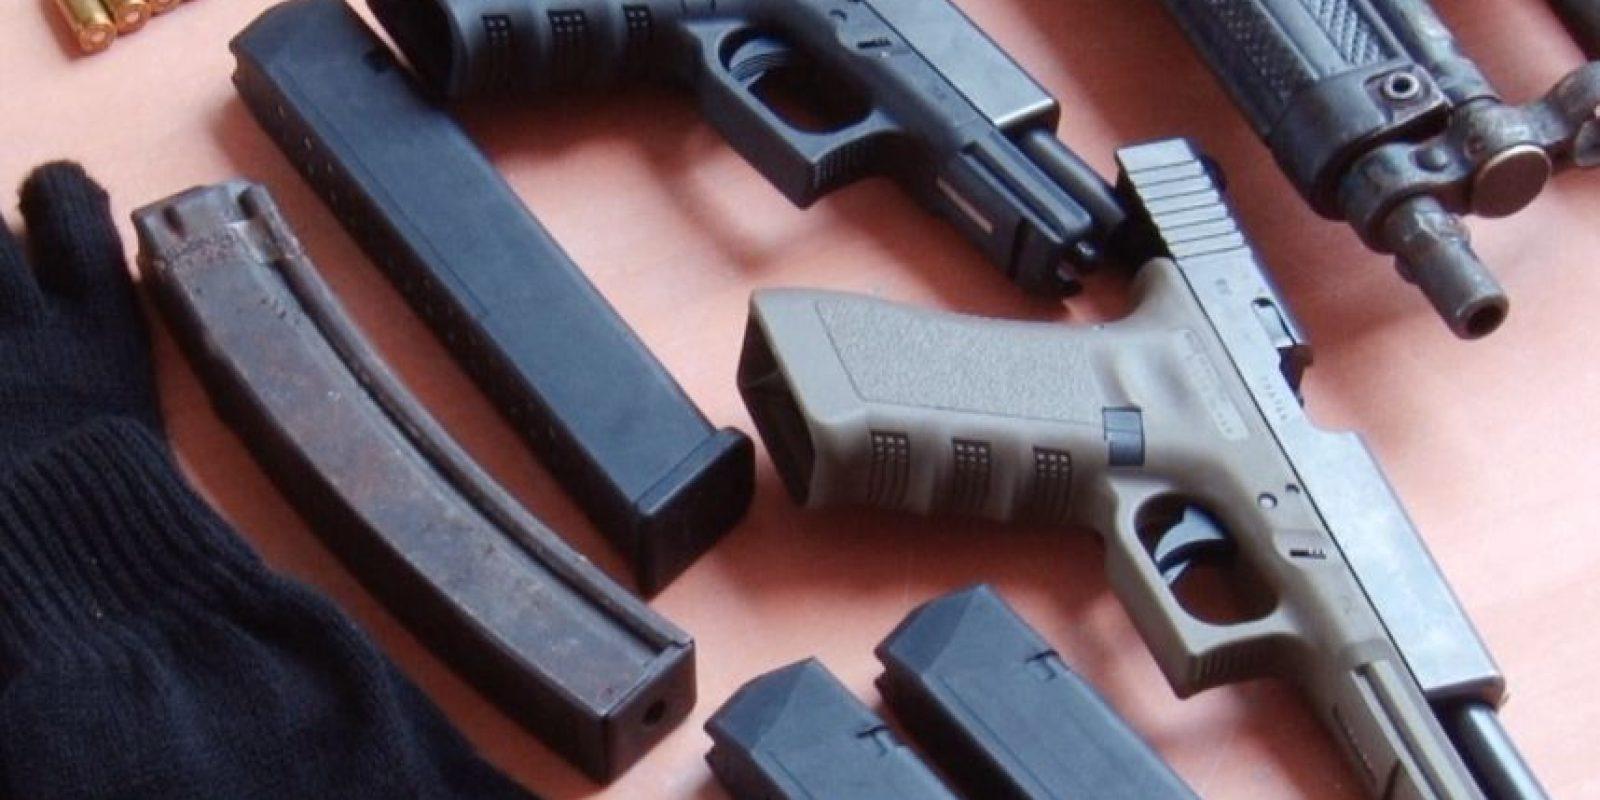 El desarme de la población civil es un tema recurrente de debate. fotos/ Foto:Fuente Externa